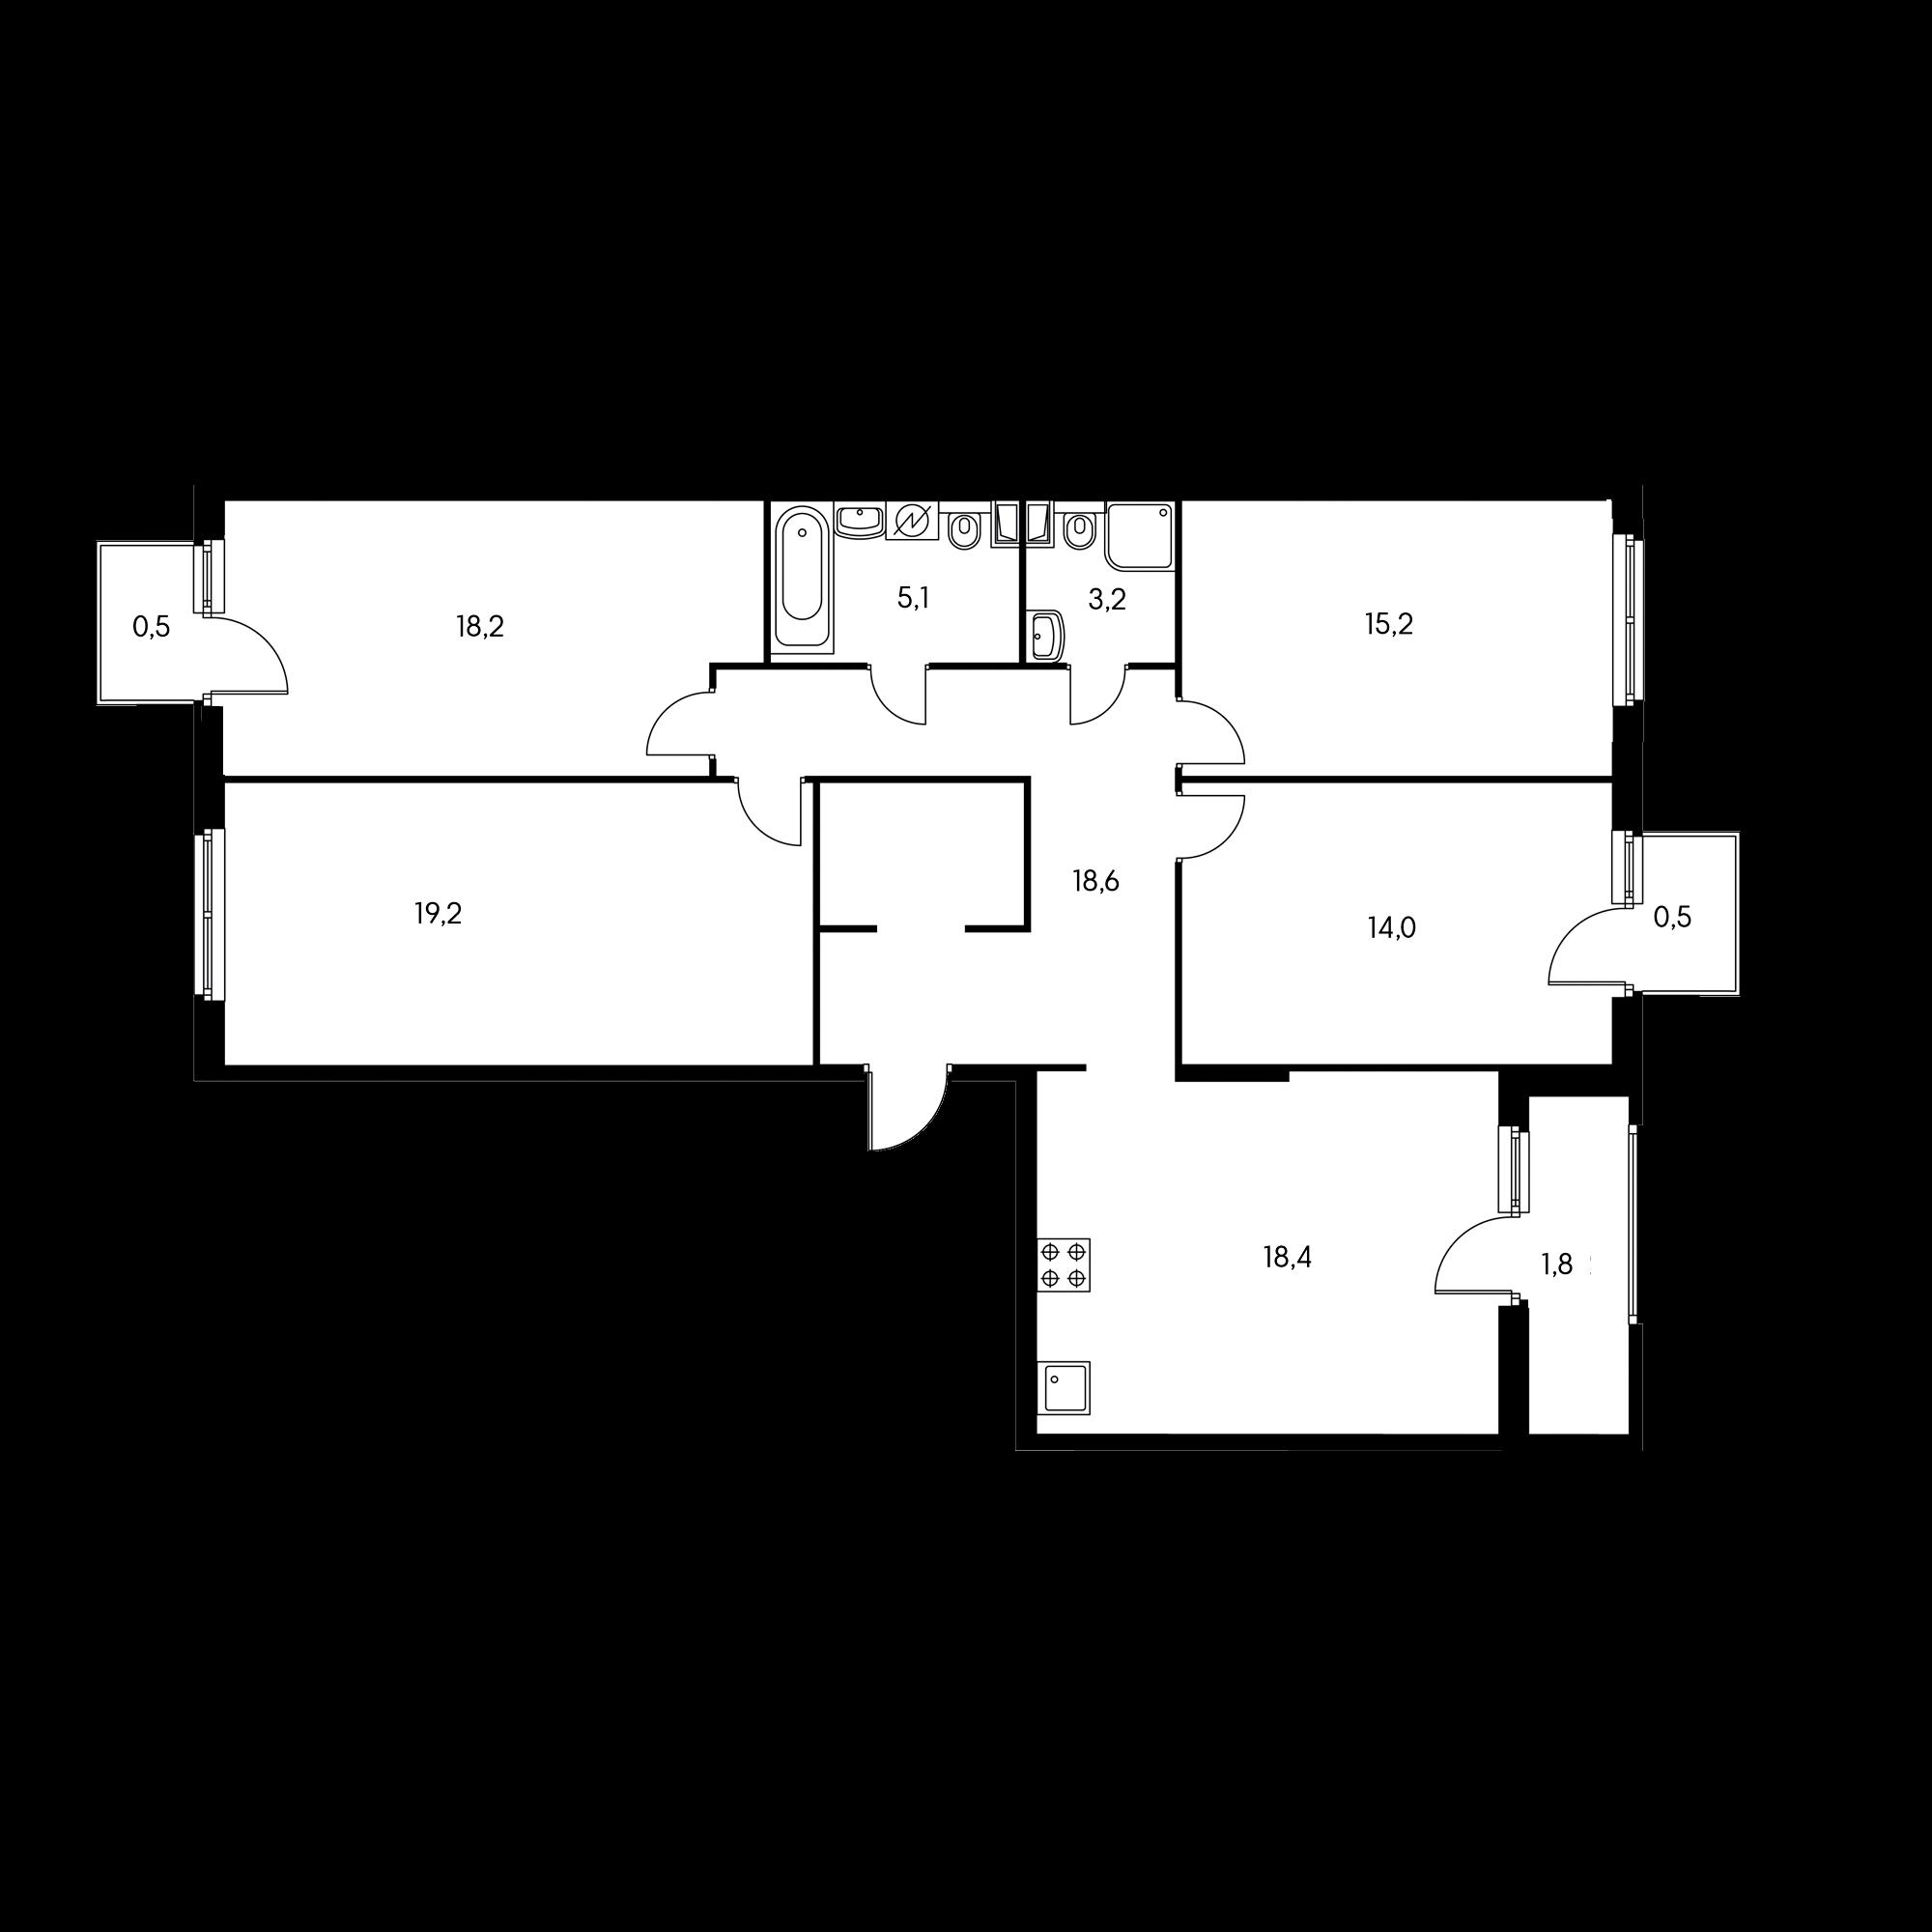 4EL5_B1